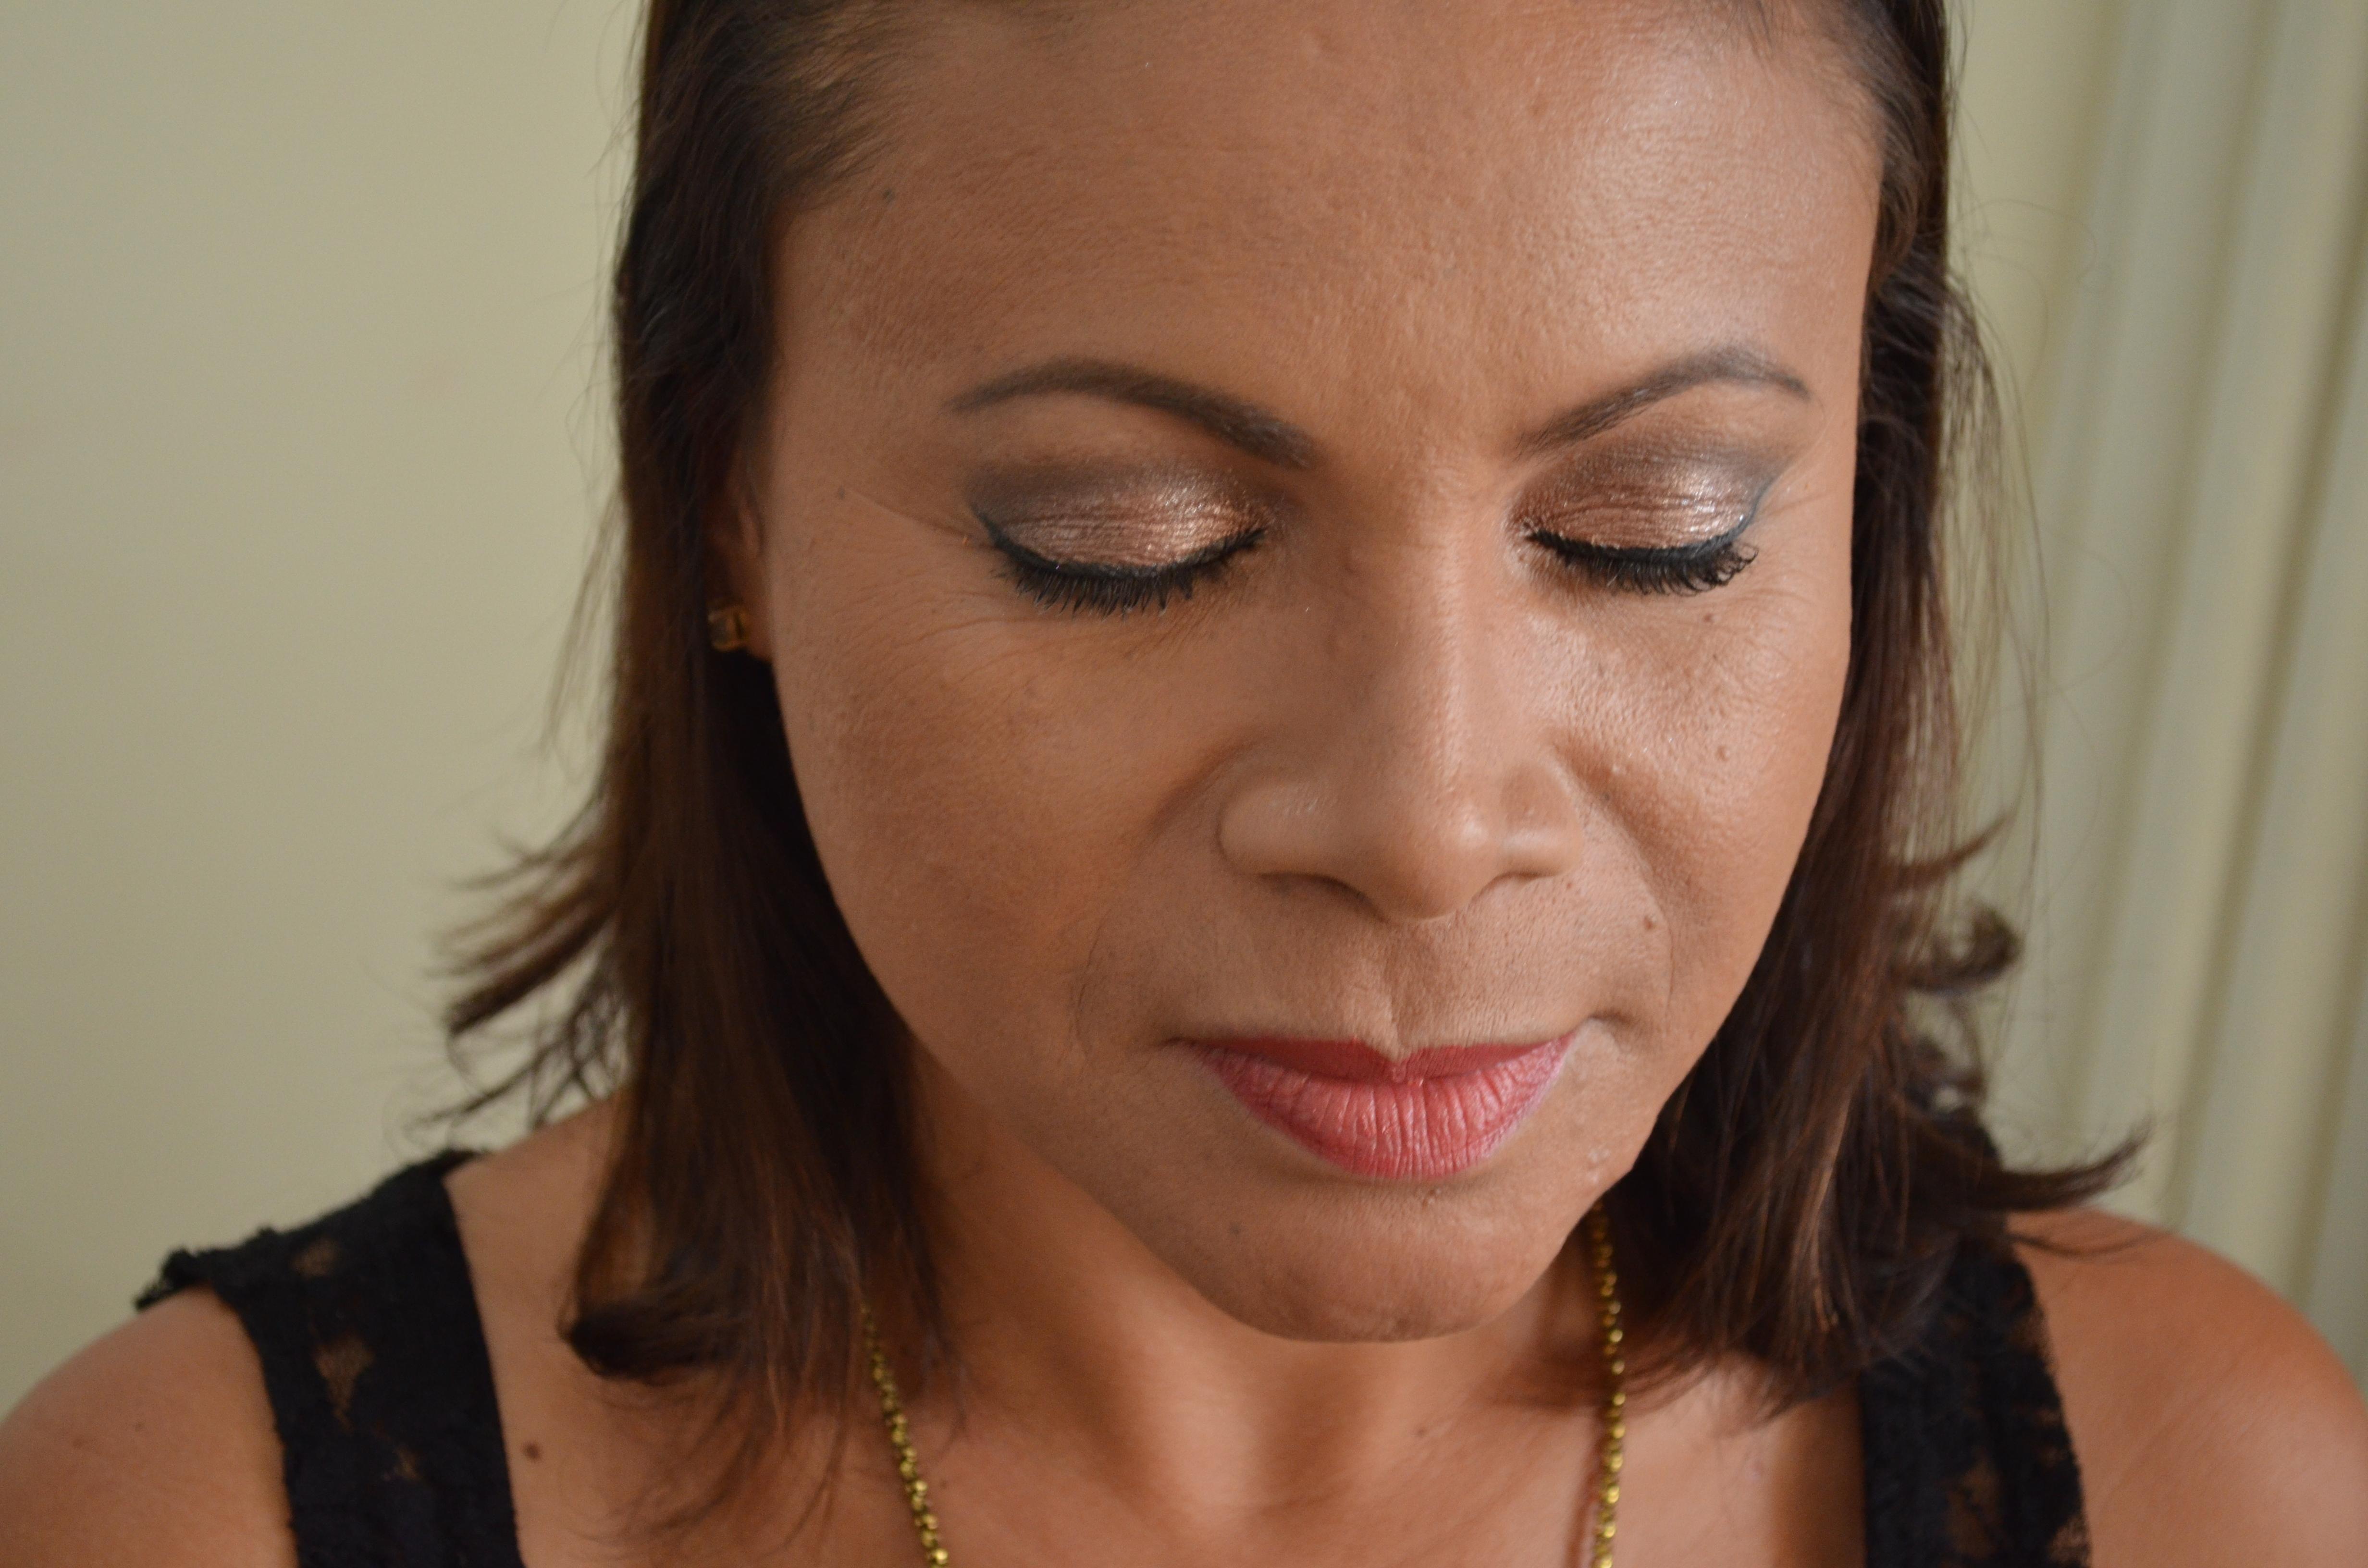 Contorno e Iluminação De curso de especialização sobre Contorno e Iluminação. maquiador(a)